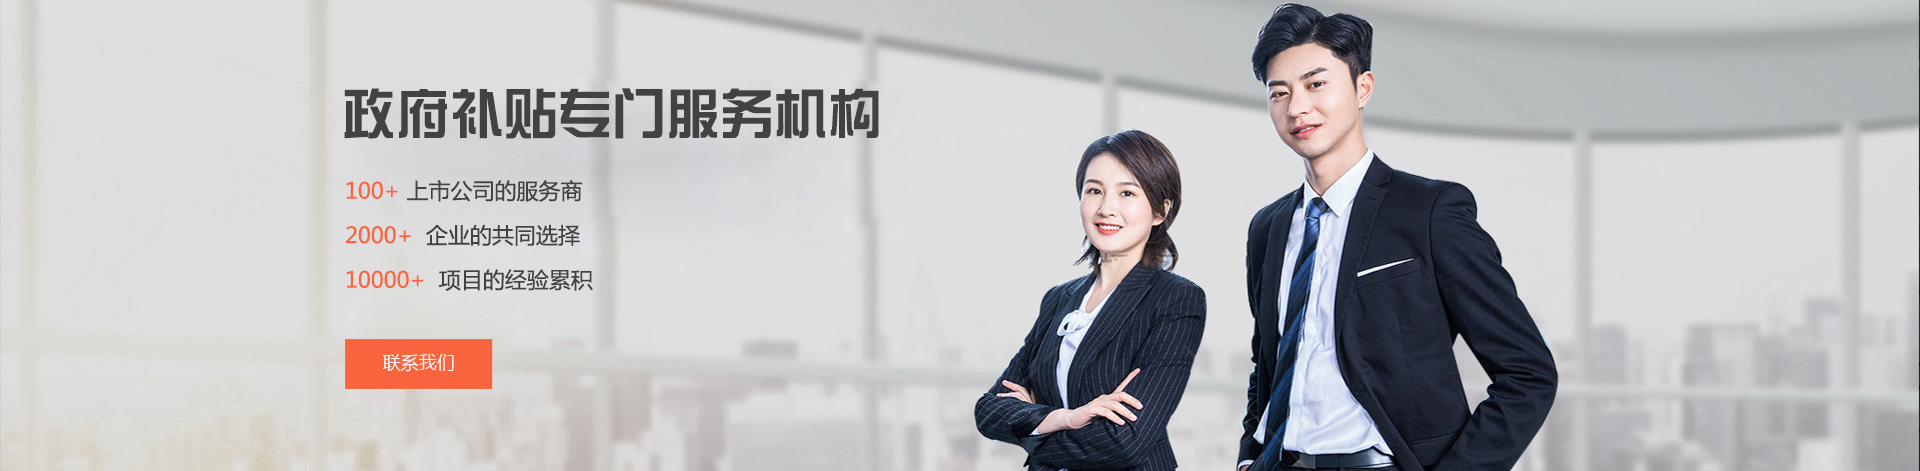 国家高新企业认证